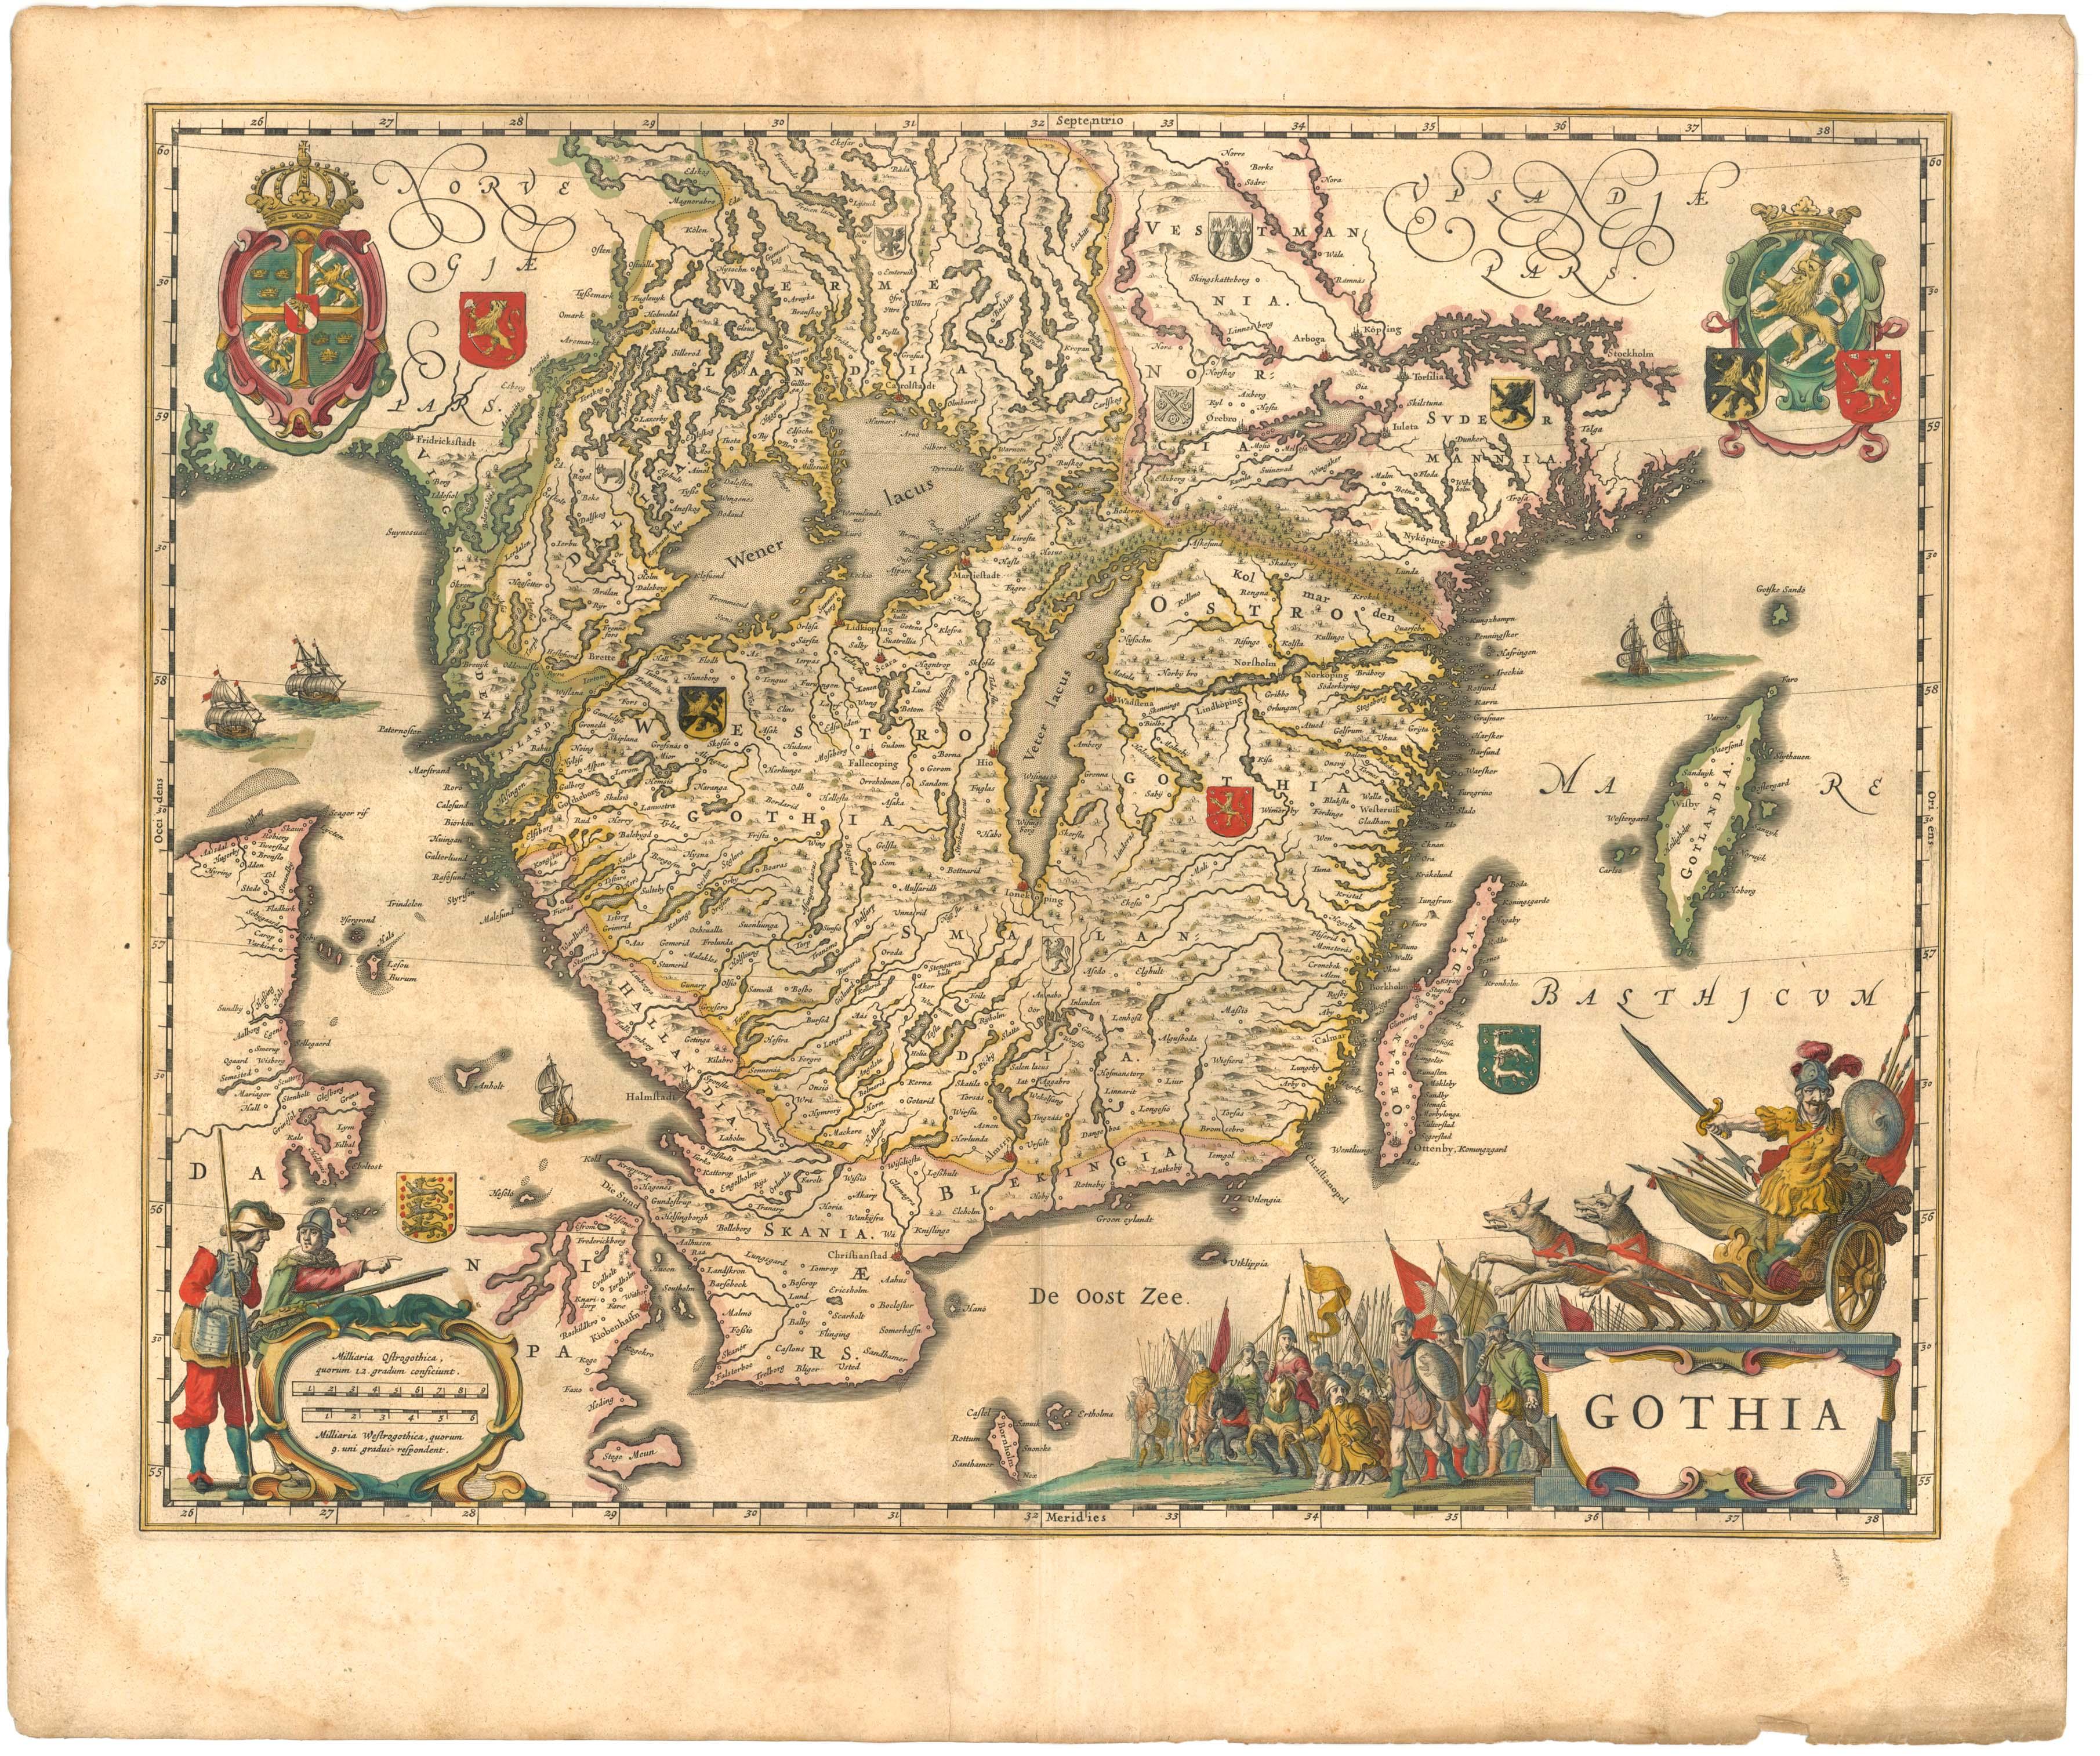 File:Blaeu 1645 - Gothia.jpg - Wikimedia Commons